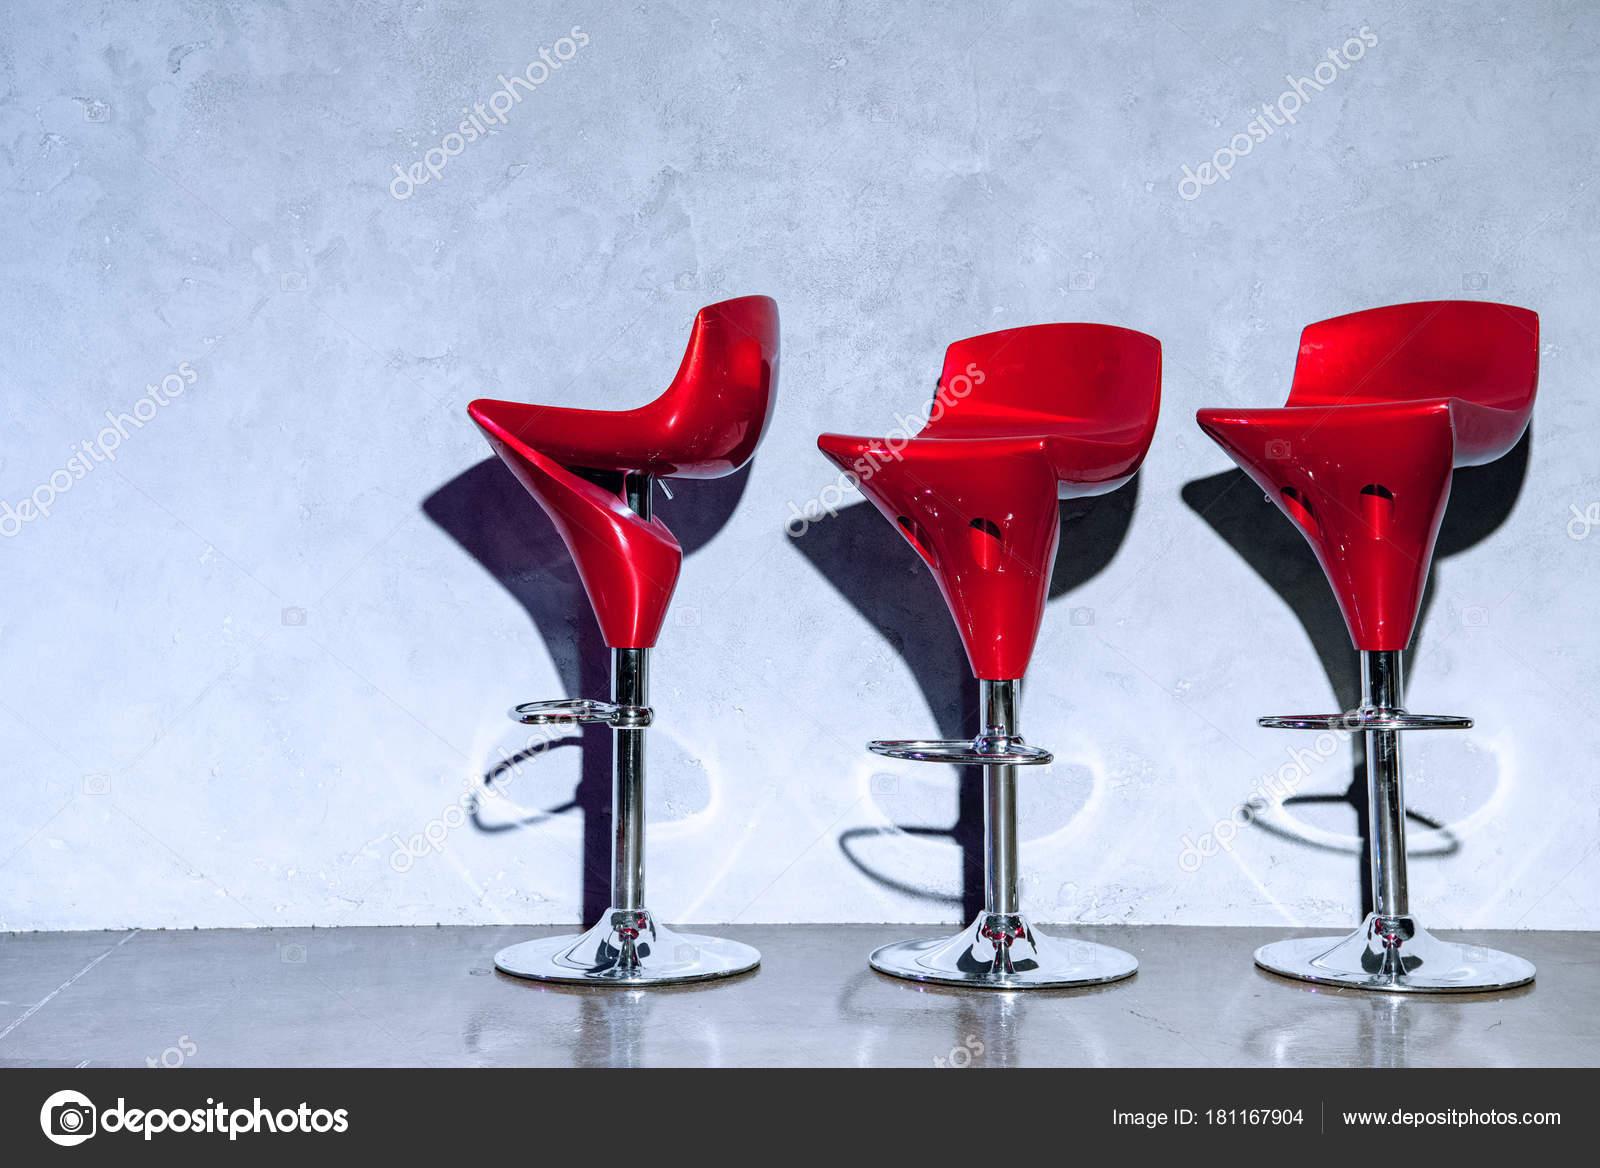 Tre rosso vuoto bar sgabelli vicino alla parete grigia u2014 foto stock